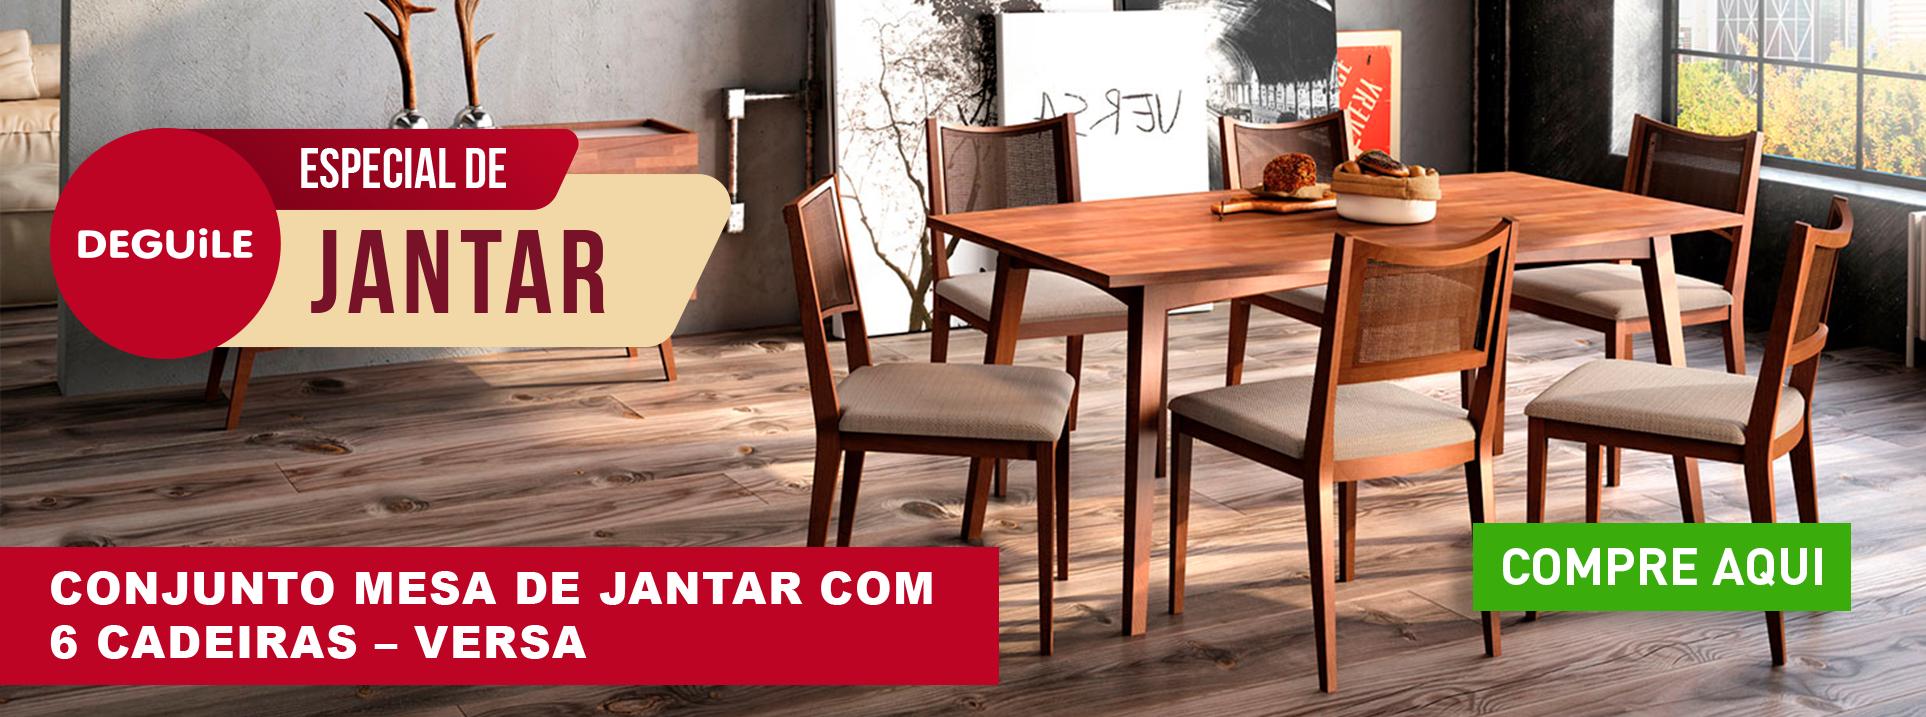 Conjunto Mesa de Jantar com 6 cadeiras - VERSA